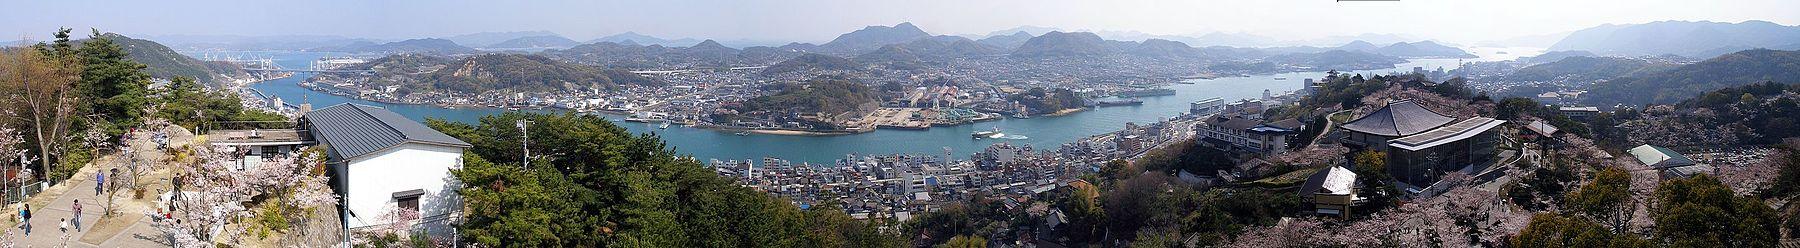 Onomichi Panorama.jpg